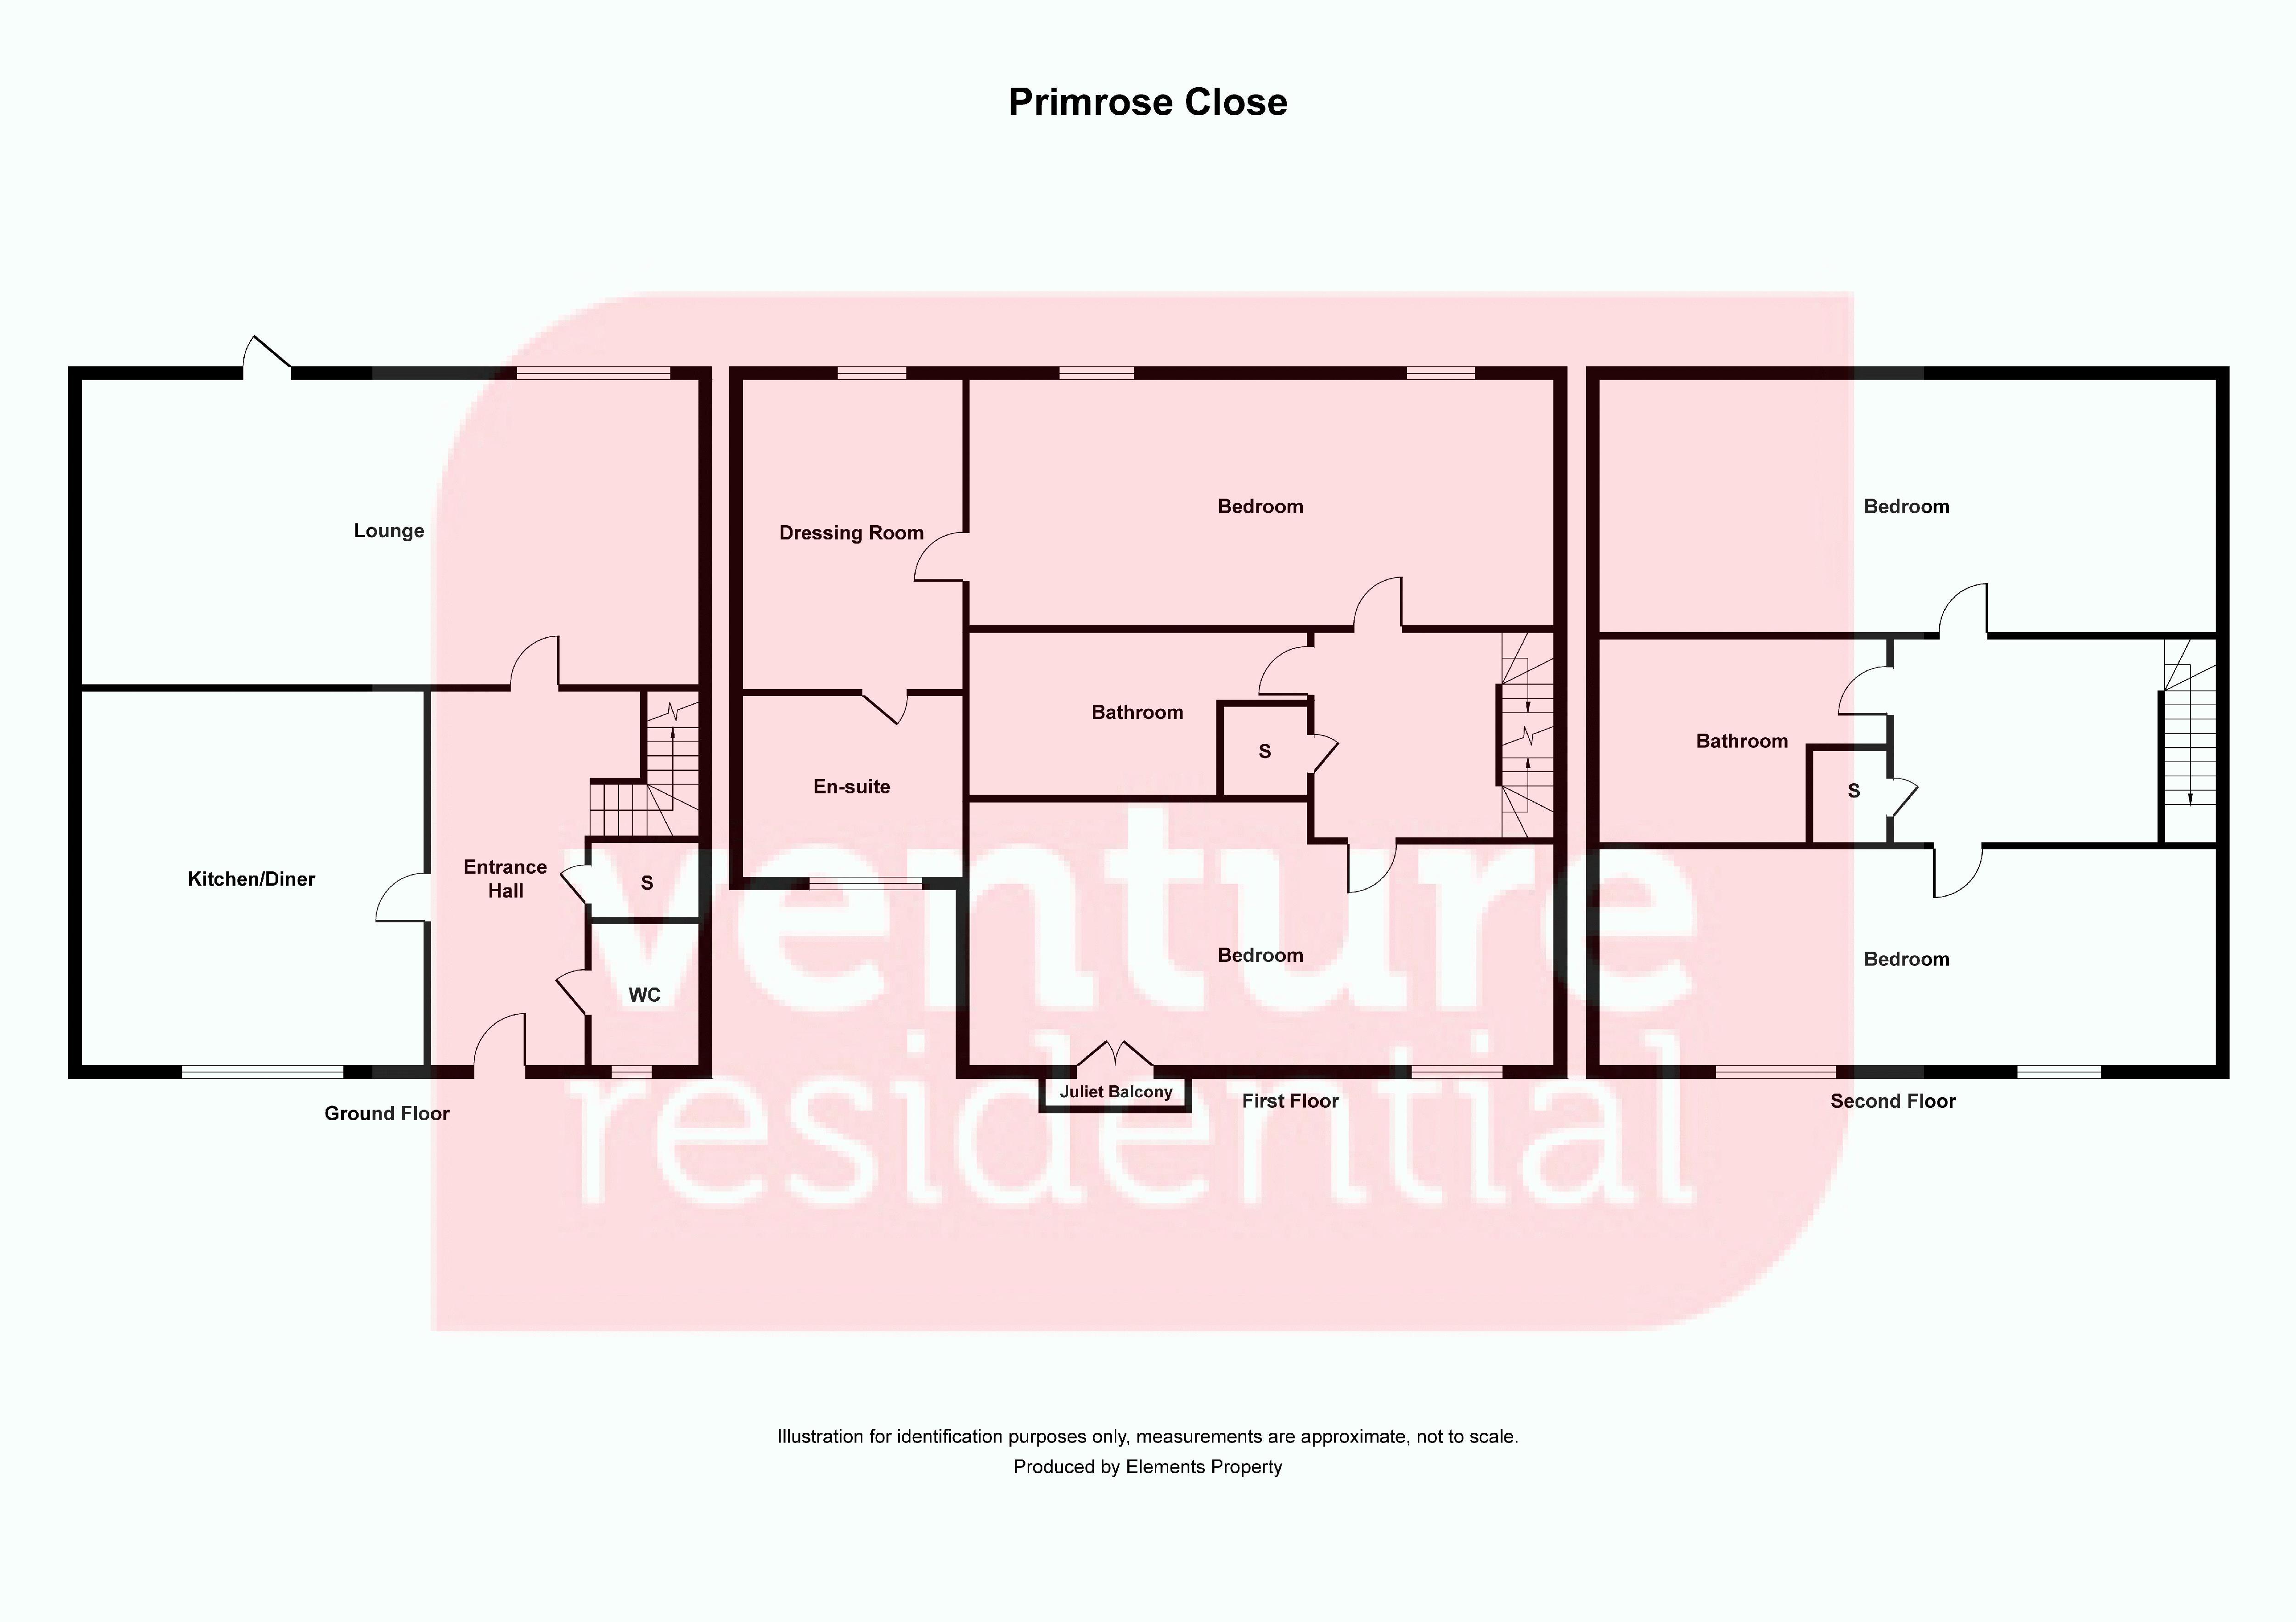 Primrose Close